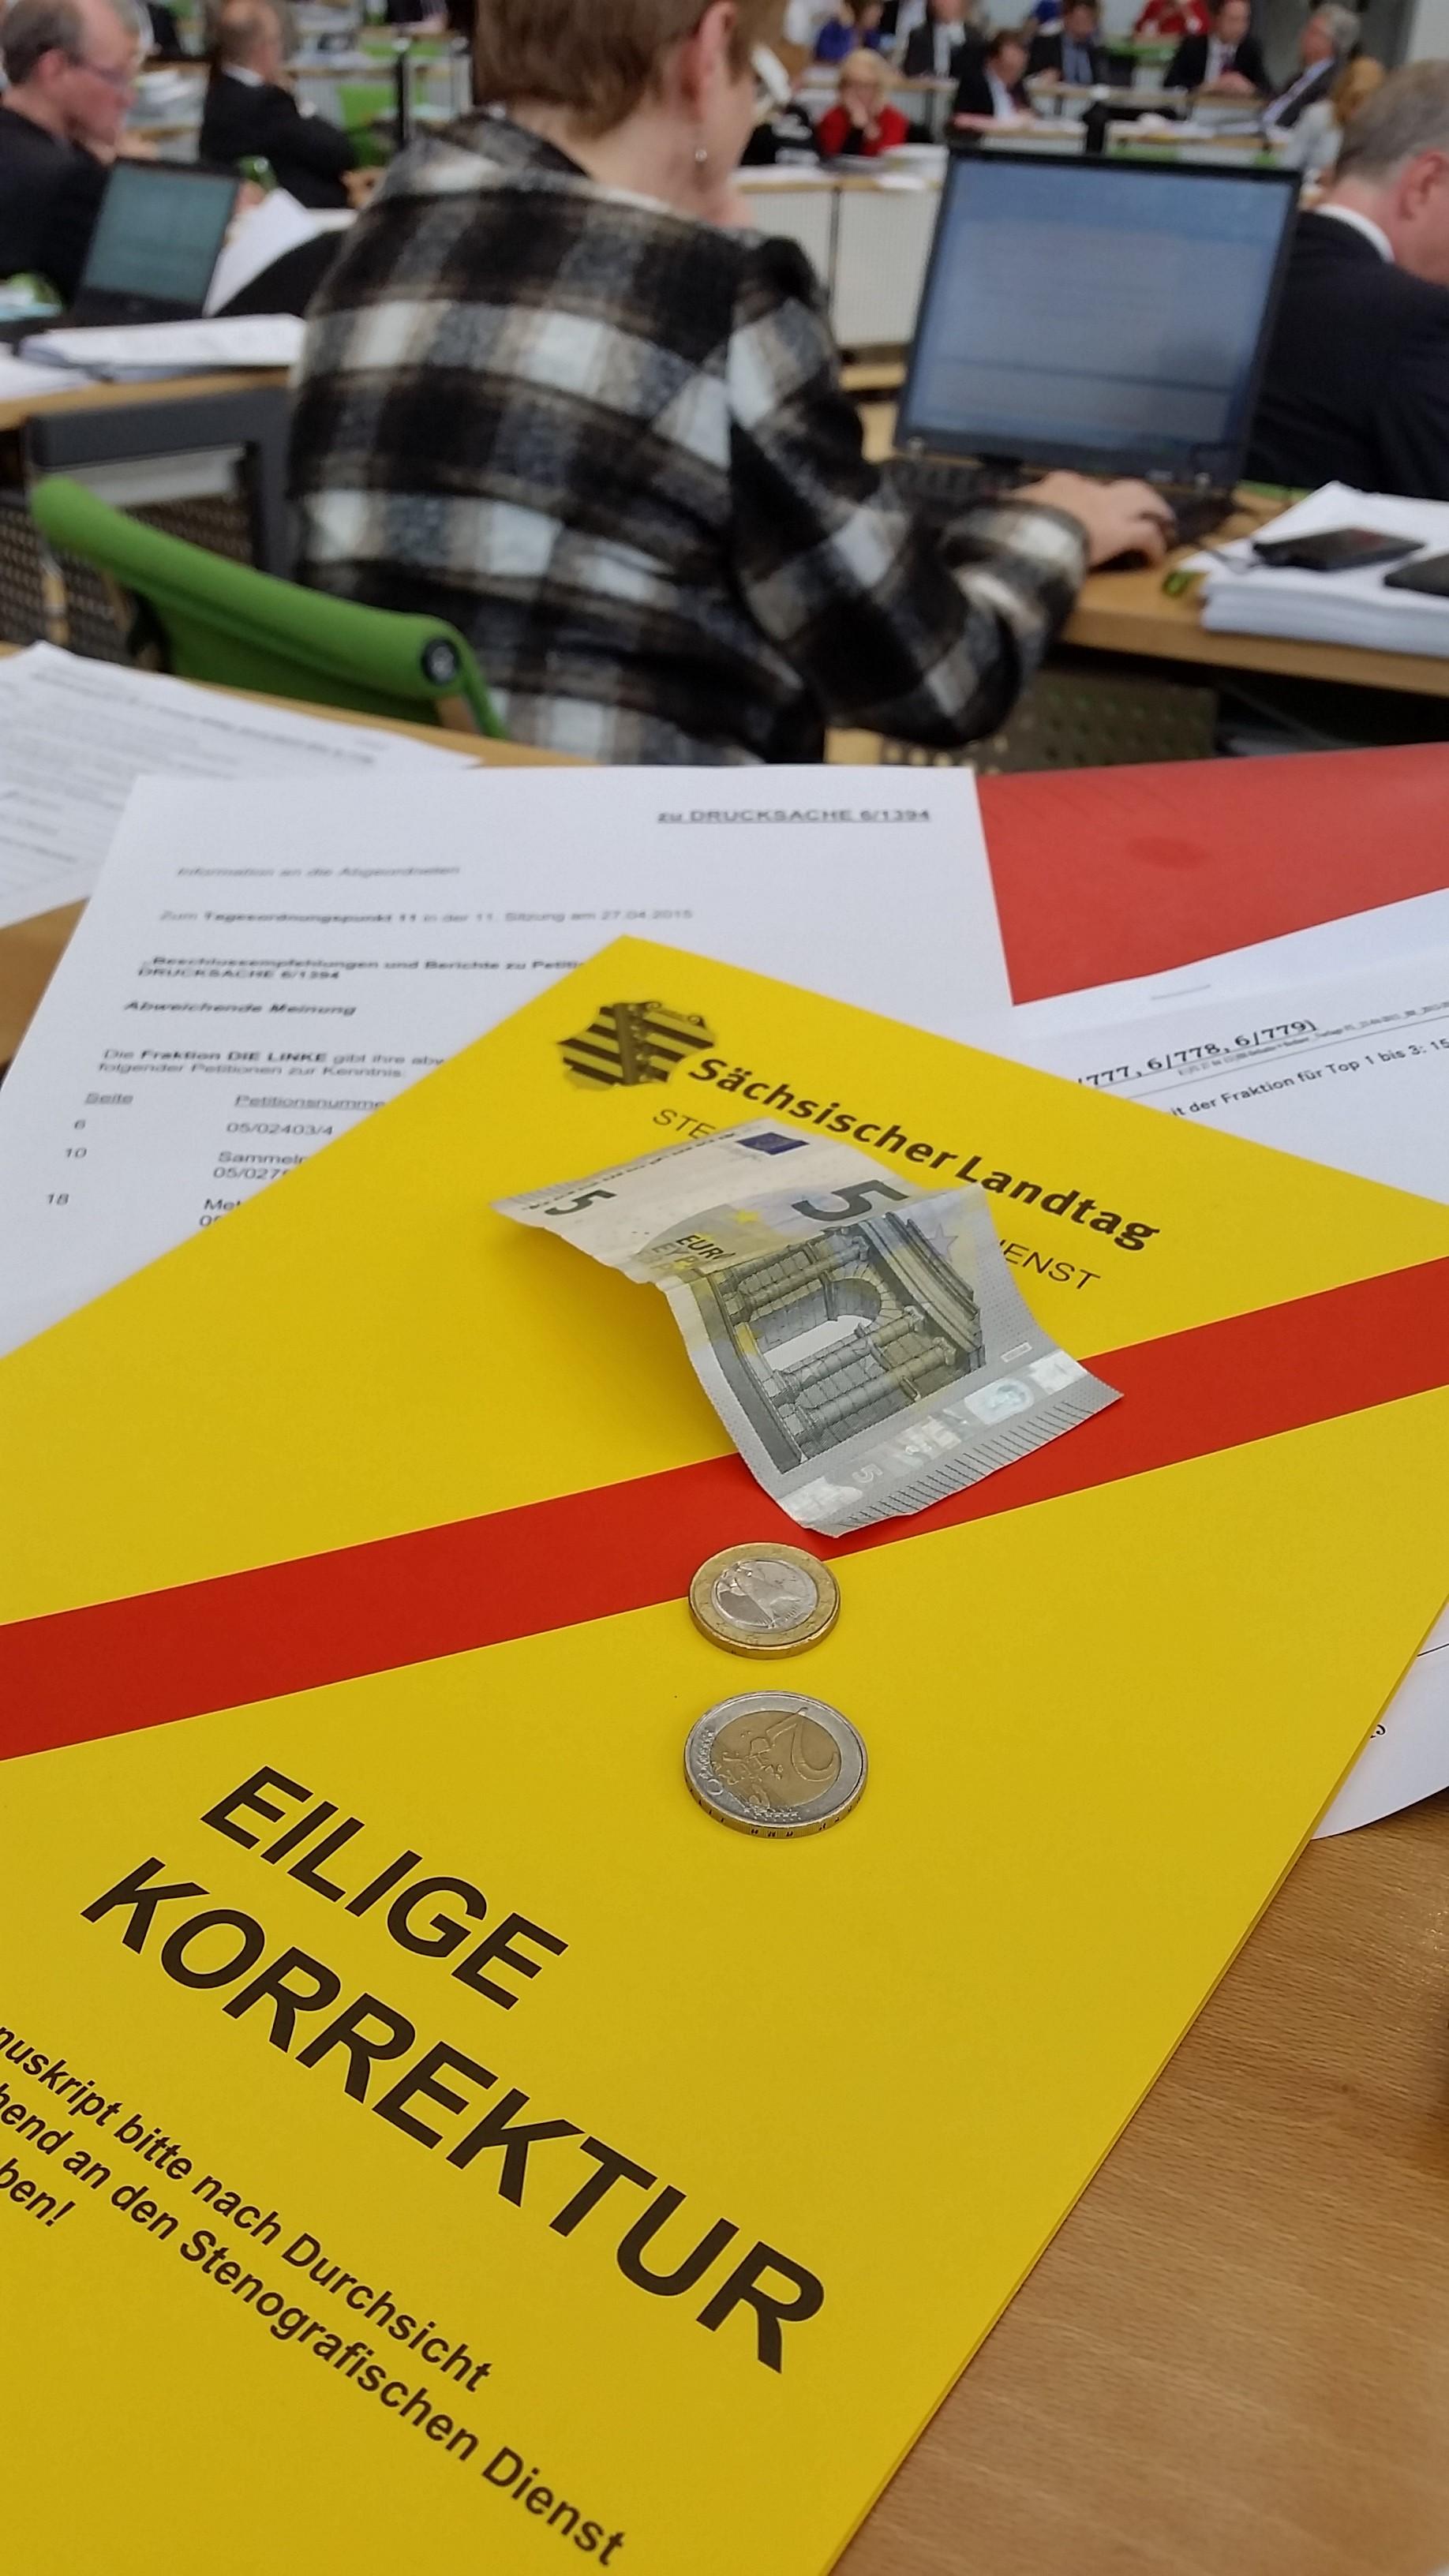 Nagel und Böhme fordern Transparenz zu Einkommen und Ausgaben von Abgeordneten